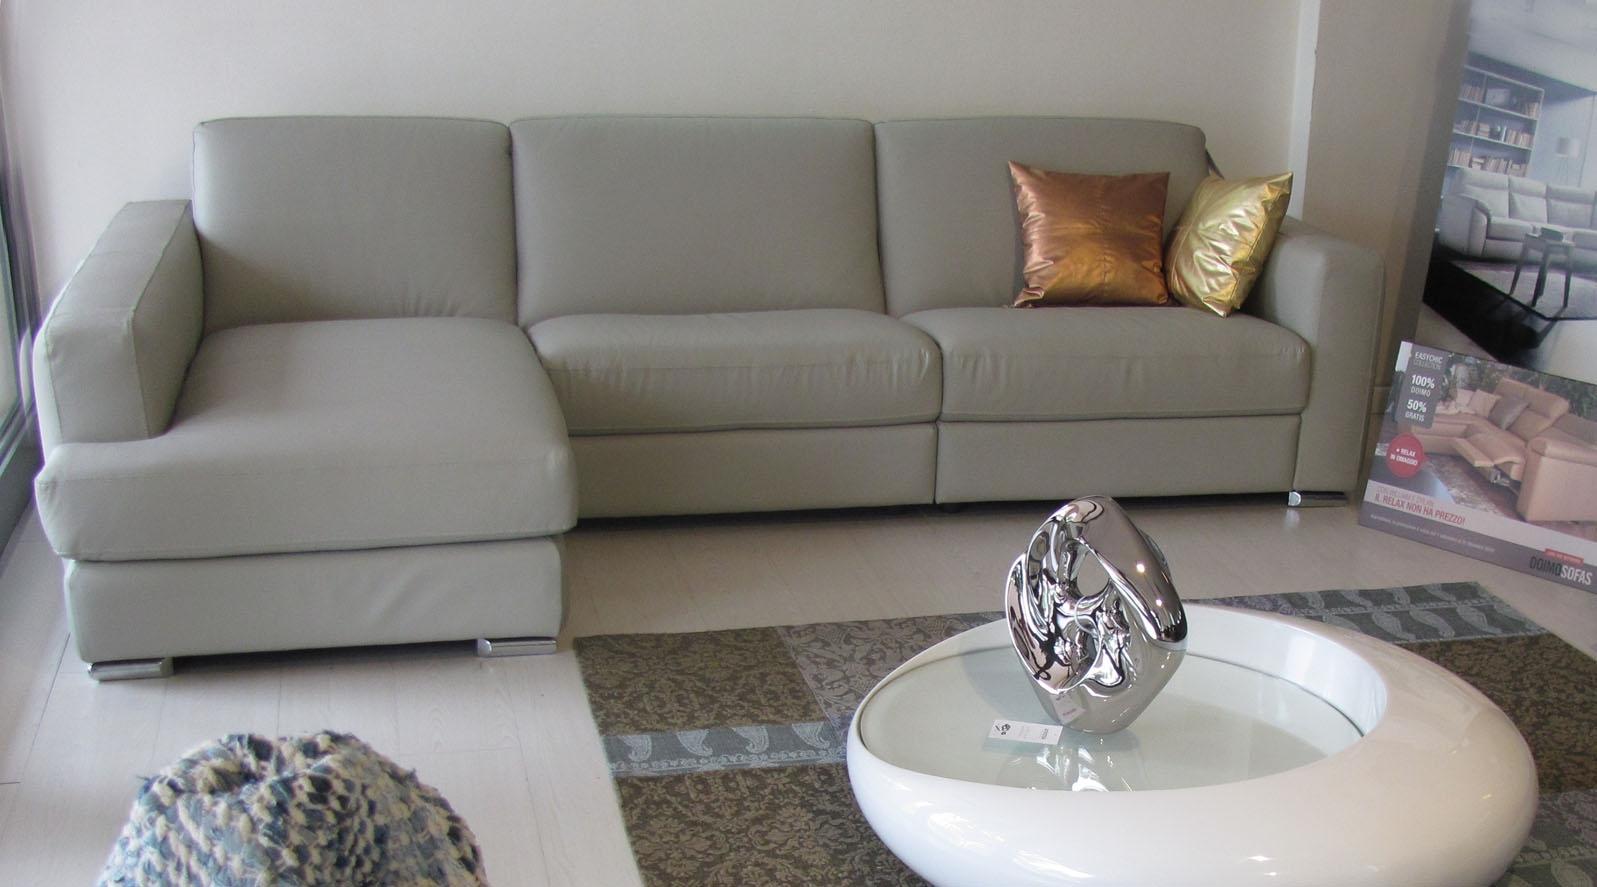 Poltrone e sofa divano letto dimensioni : poltrone classiche per ...